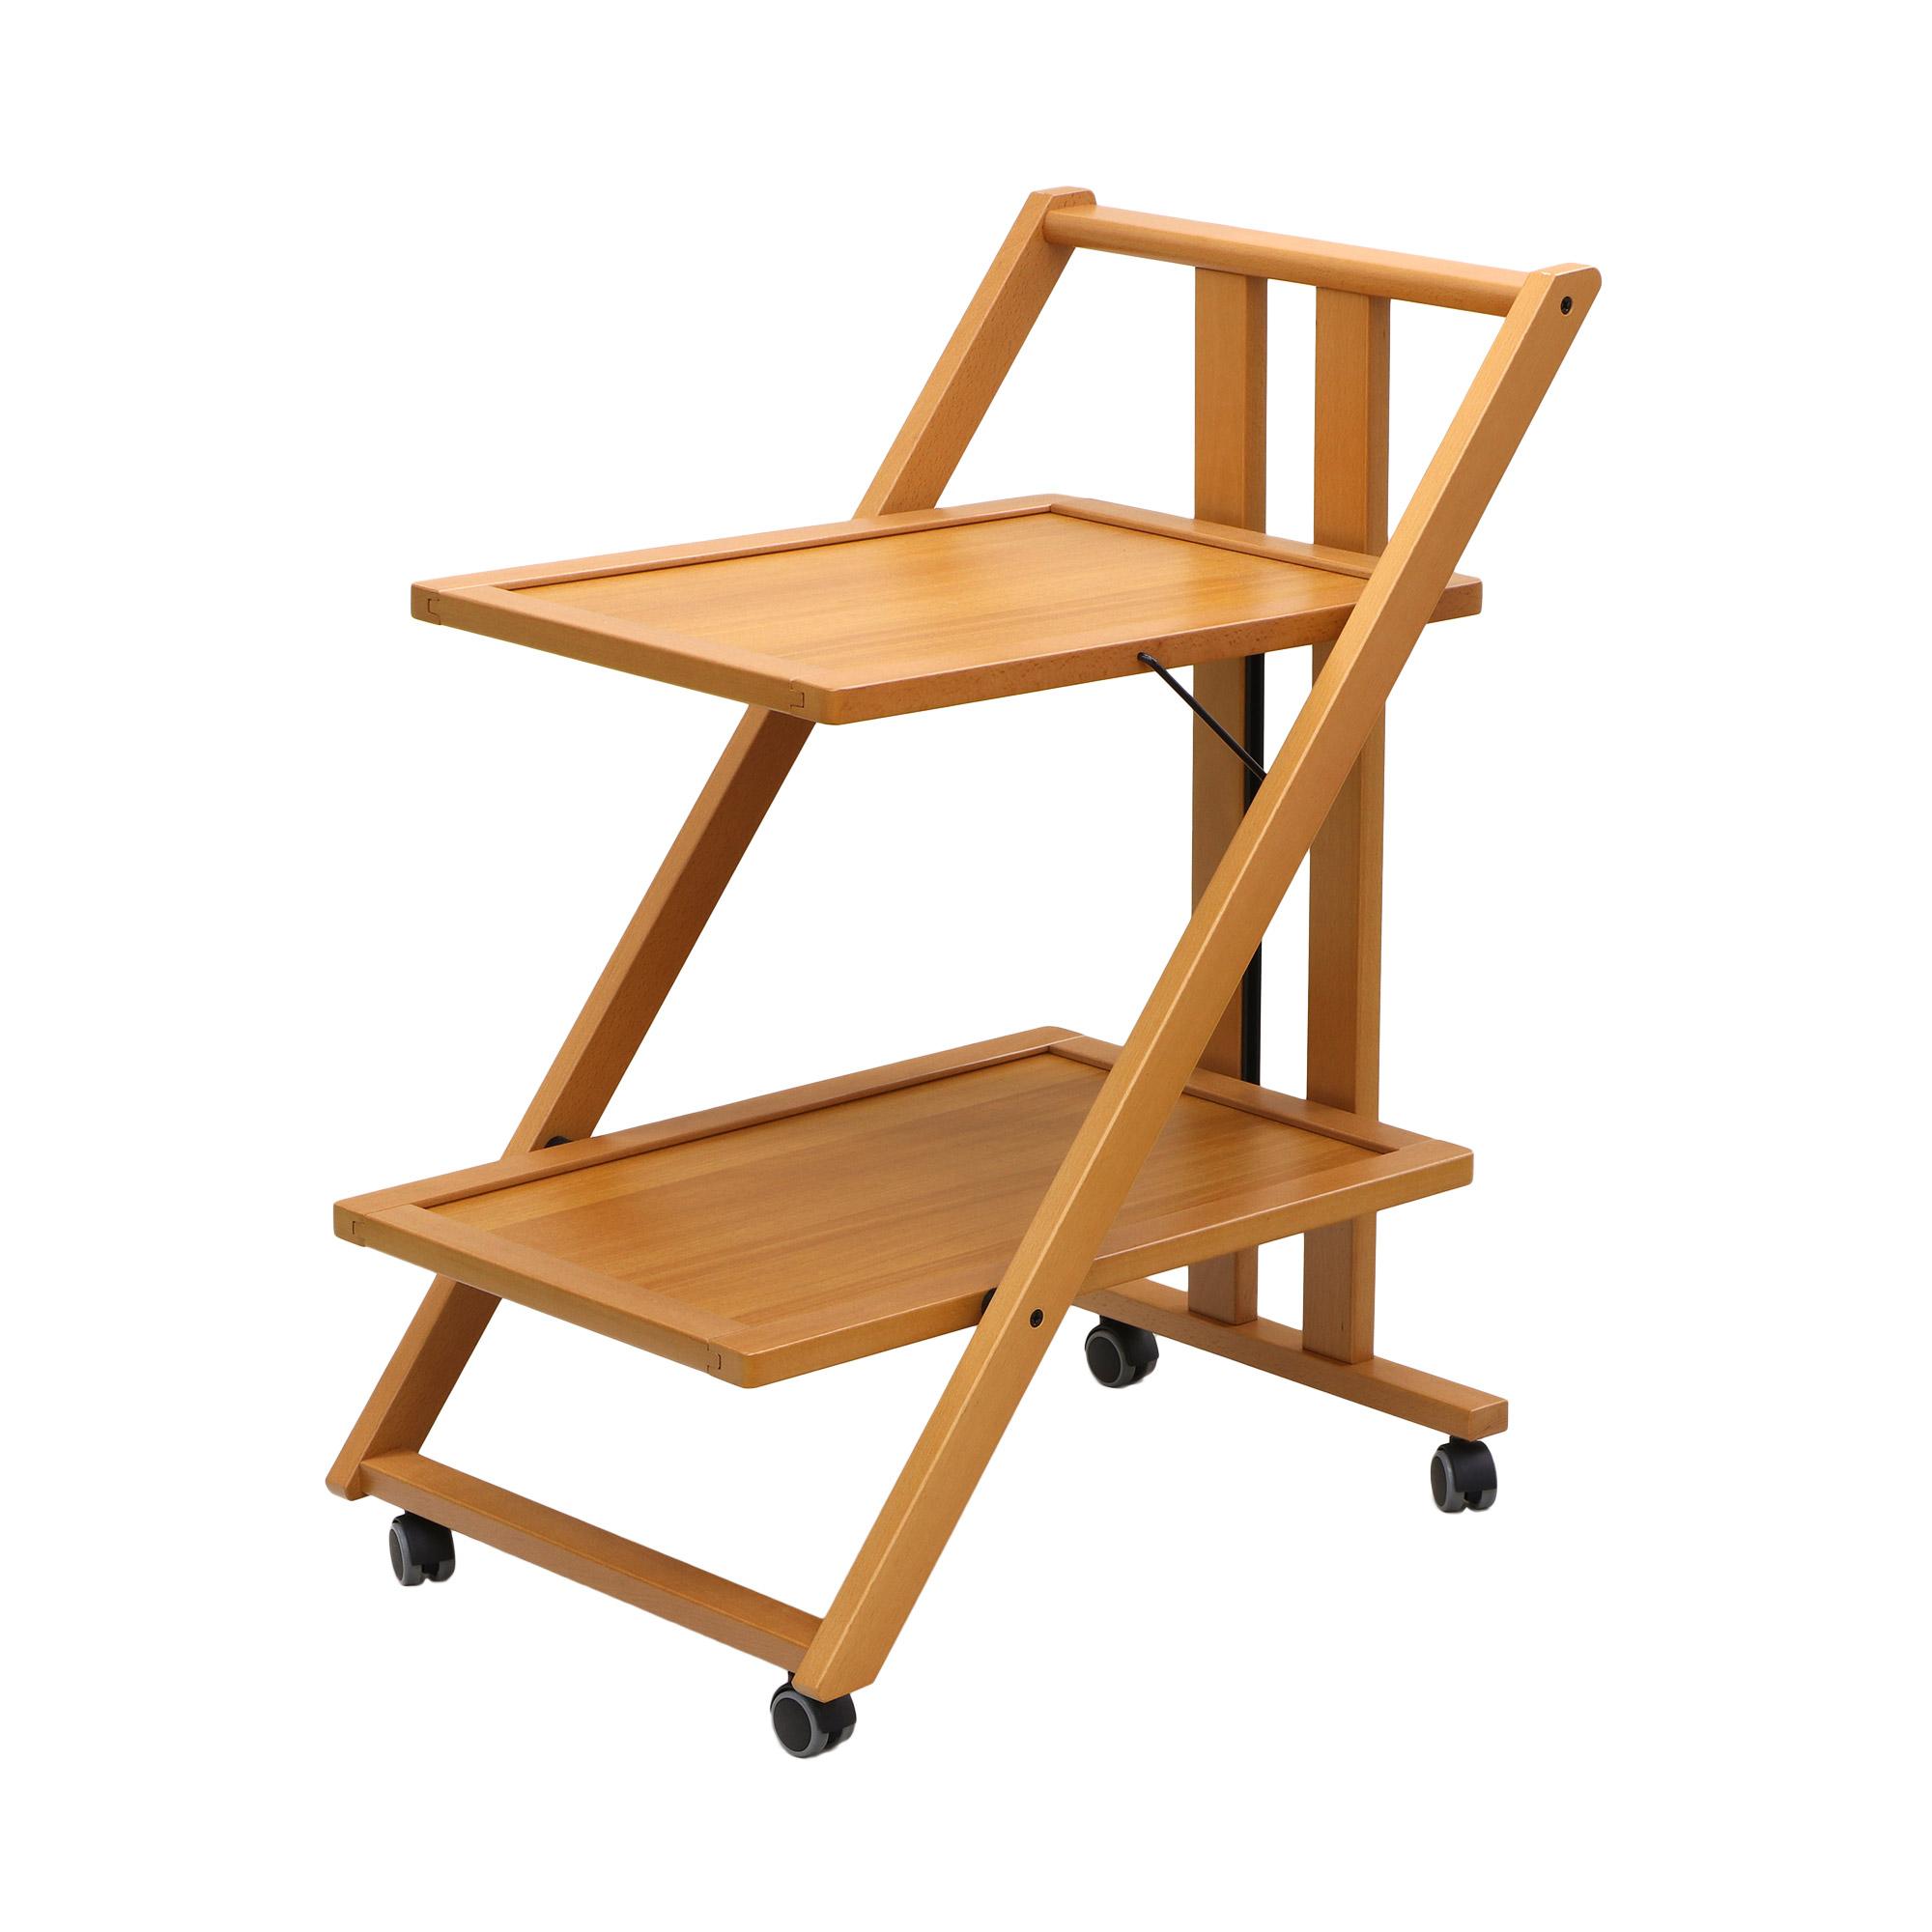 Купить Столик сервировочный на колесах Arit simpaty 2 уровня, столик сервировочный